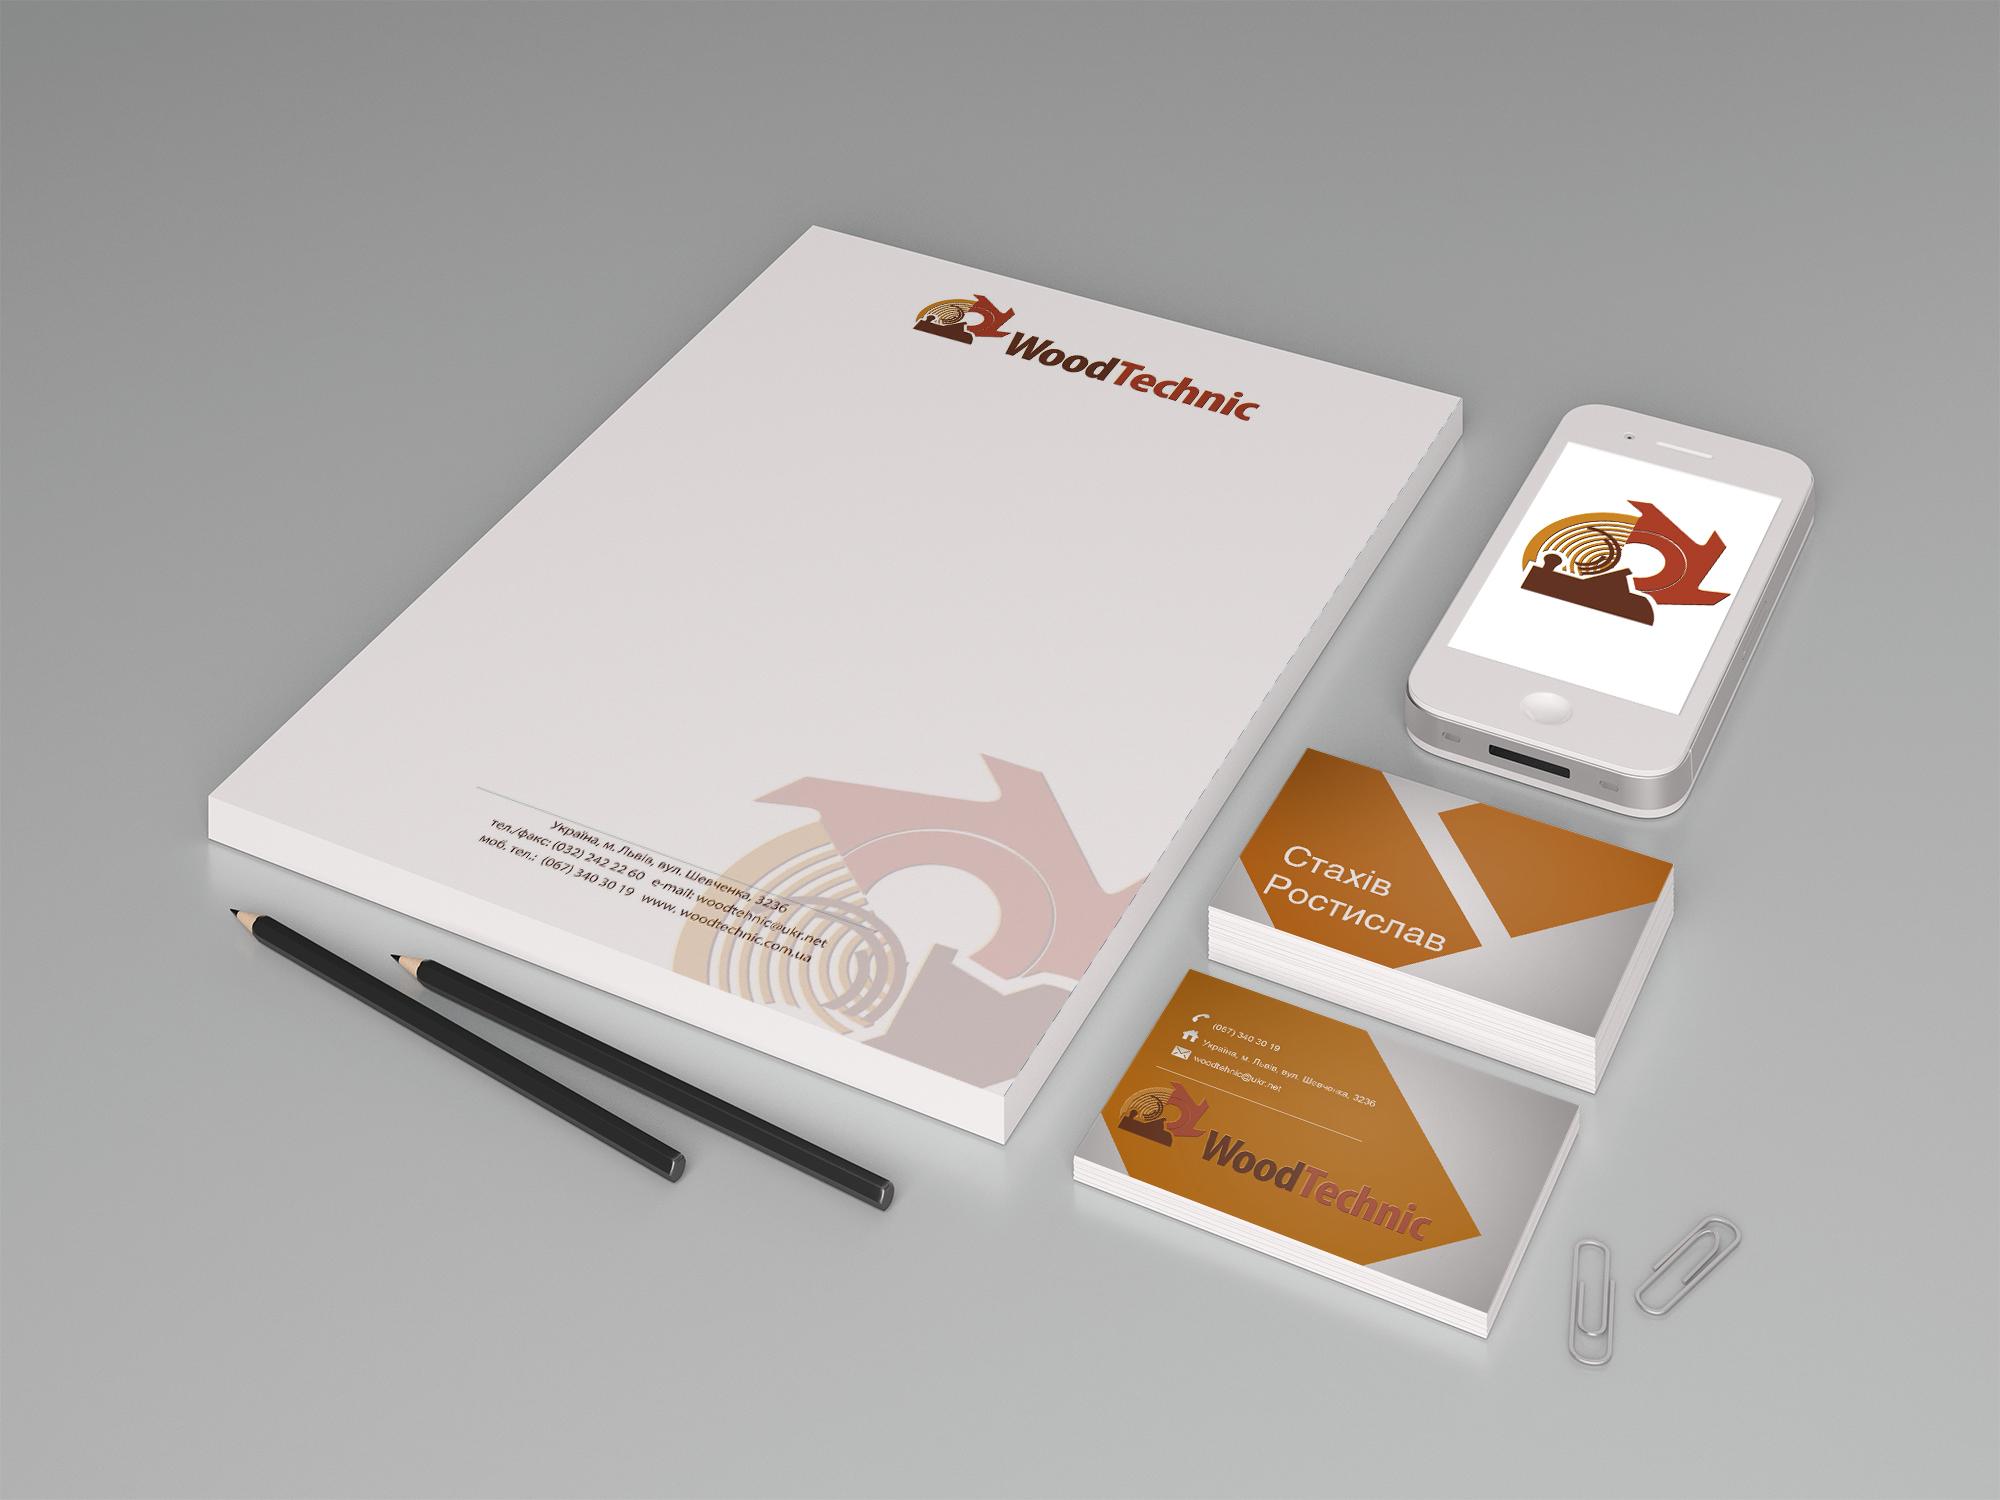 Брендбук для компанії Woodtechnik